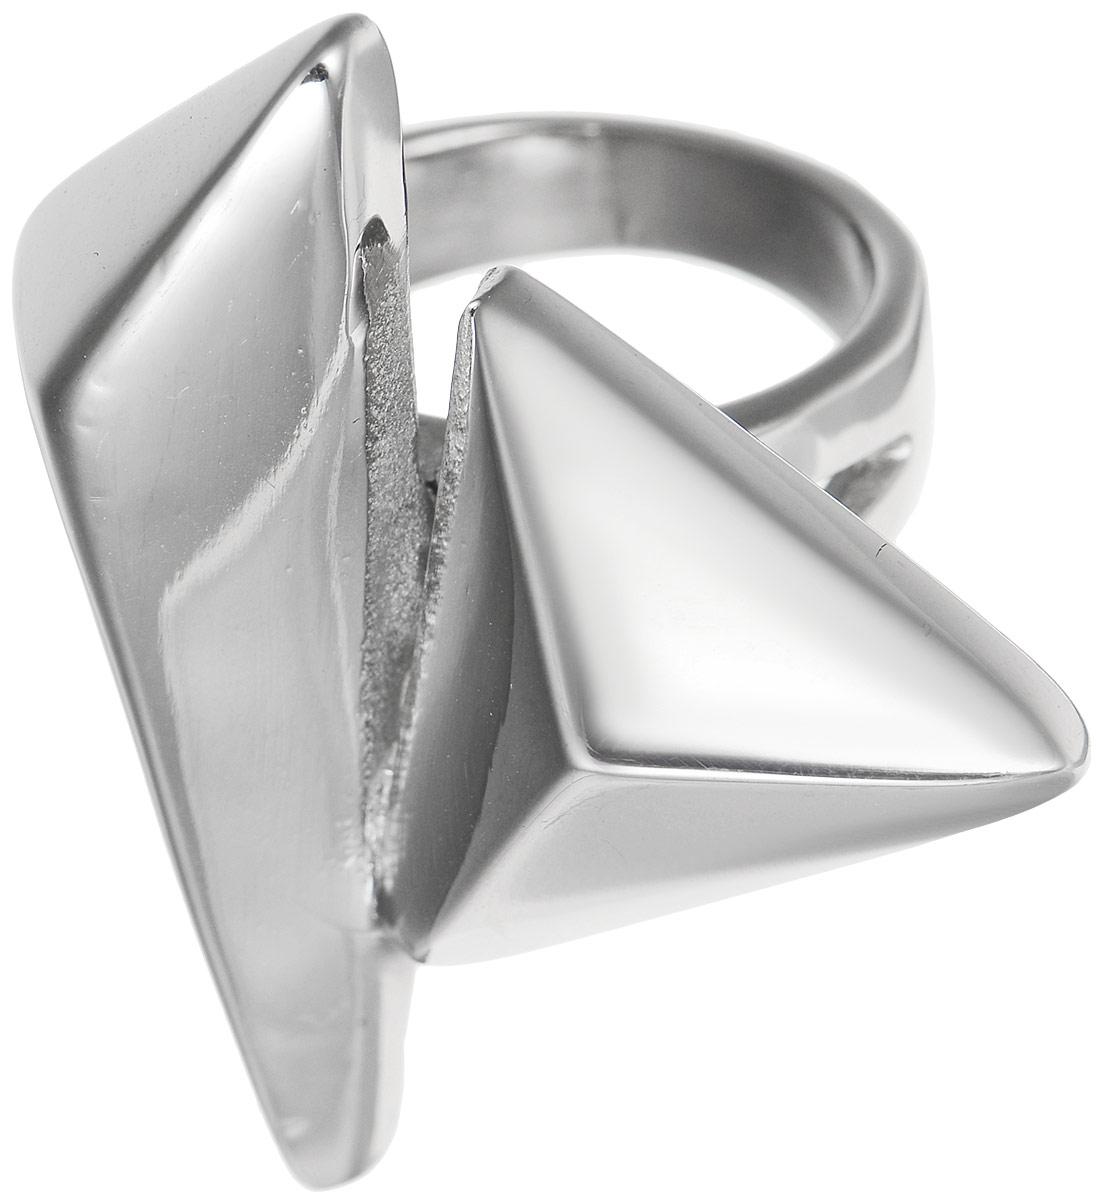 Кольцо Polina Selezneva, цвет: серебристый. DG-0013. Размер 19DG-0013Стильное кольцо Polina Selezneva изготовлено из качественного металлического сплава. Декоративная часть выполнена в оригинальной форме.